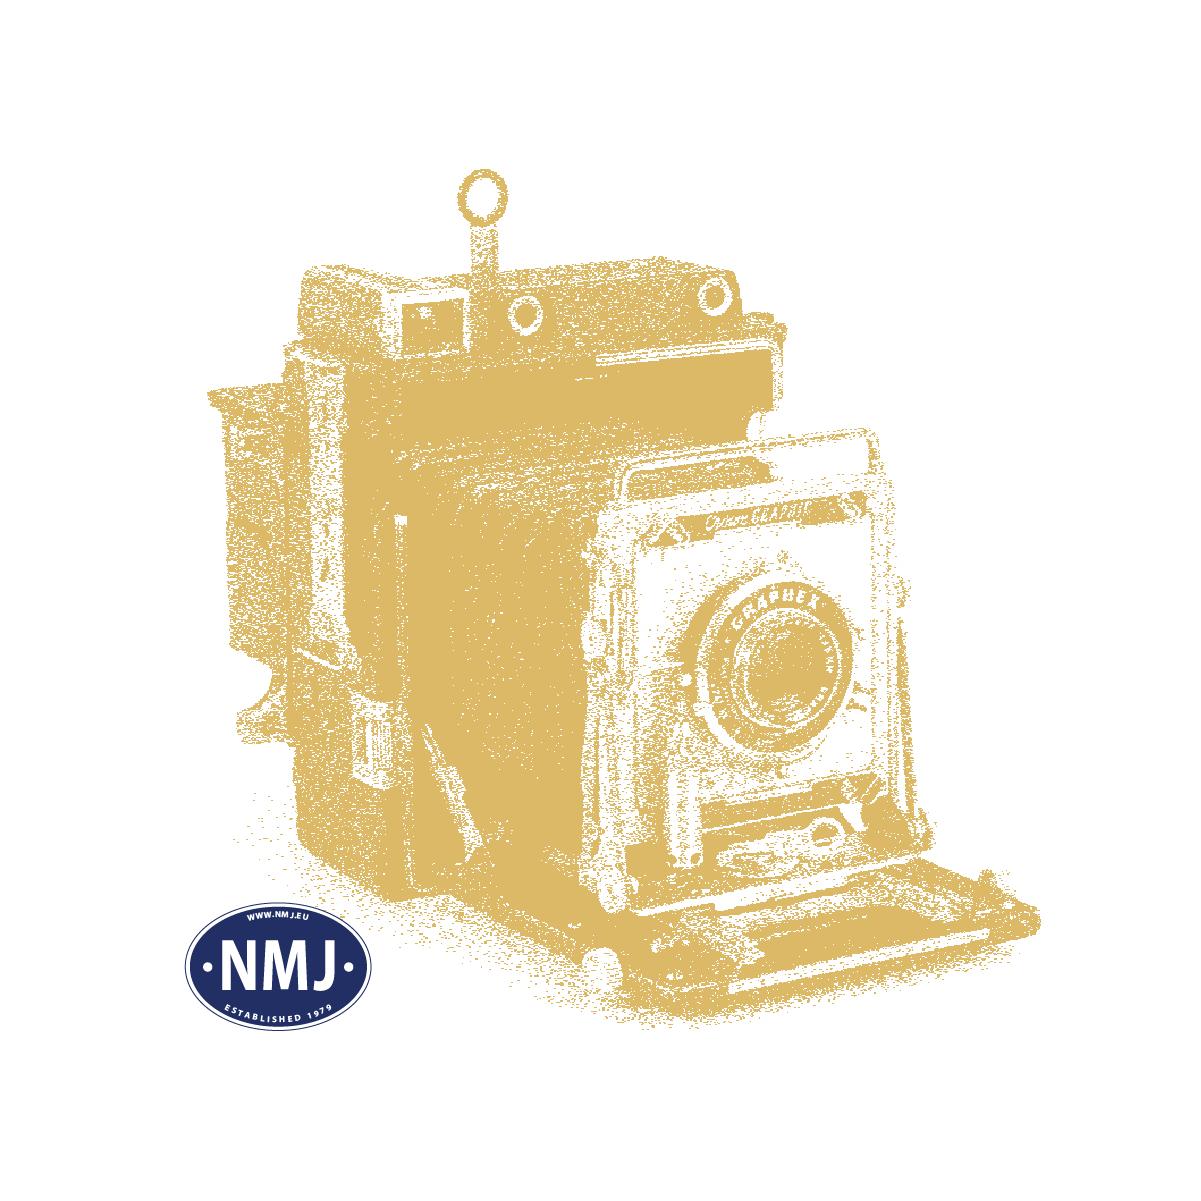 NMJB1135 - NMJ Erzwagenladung für MAS 1908, 4 Stk.